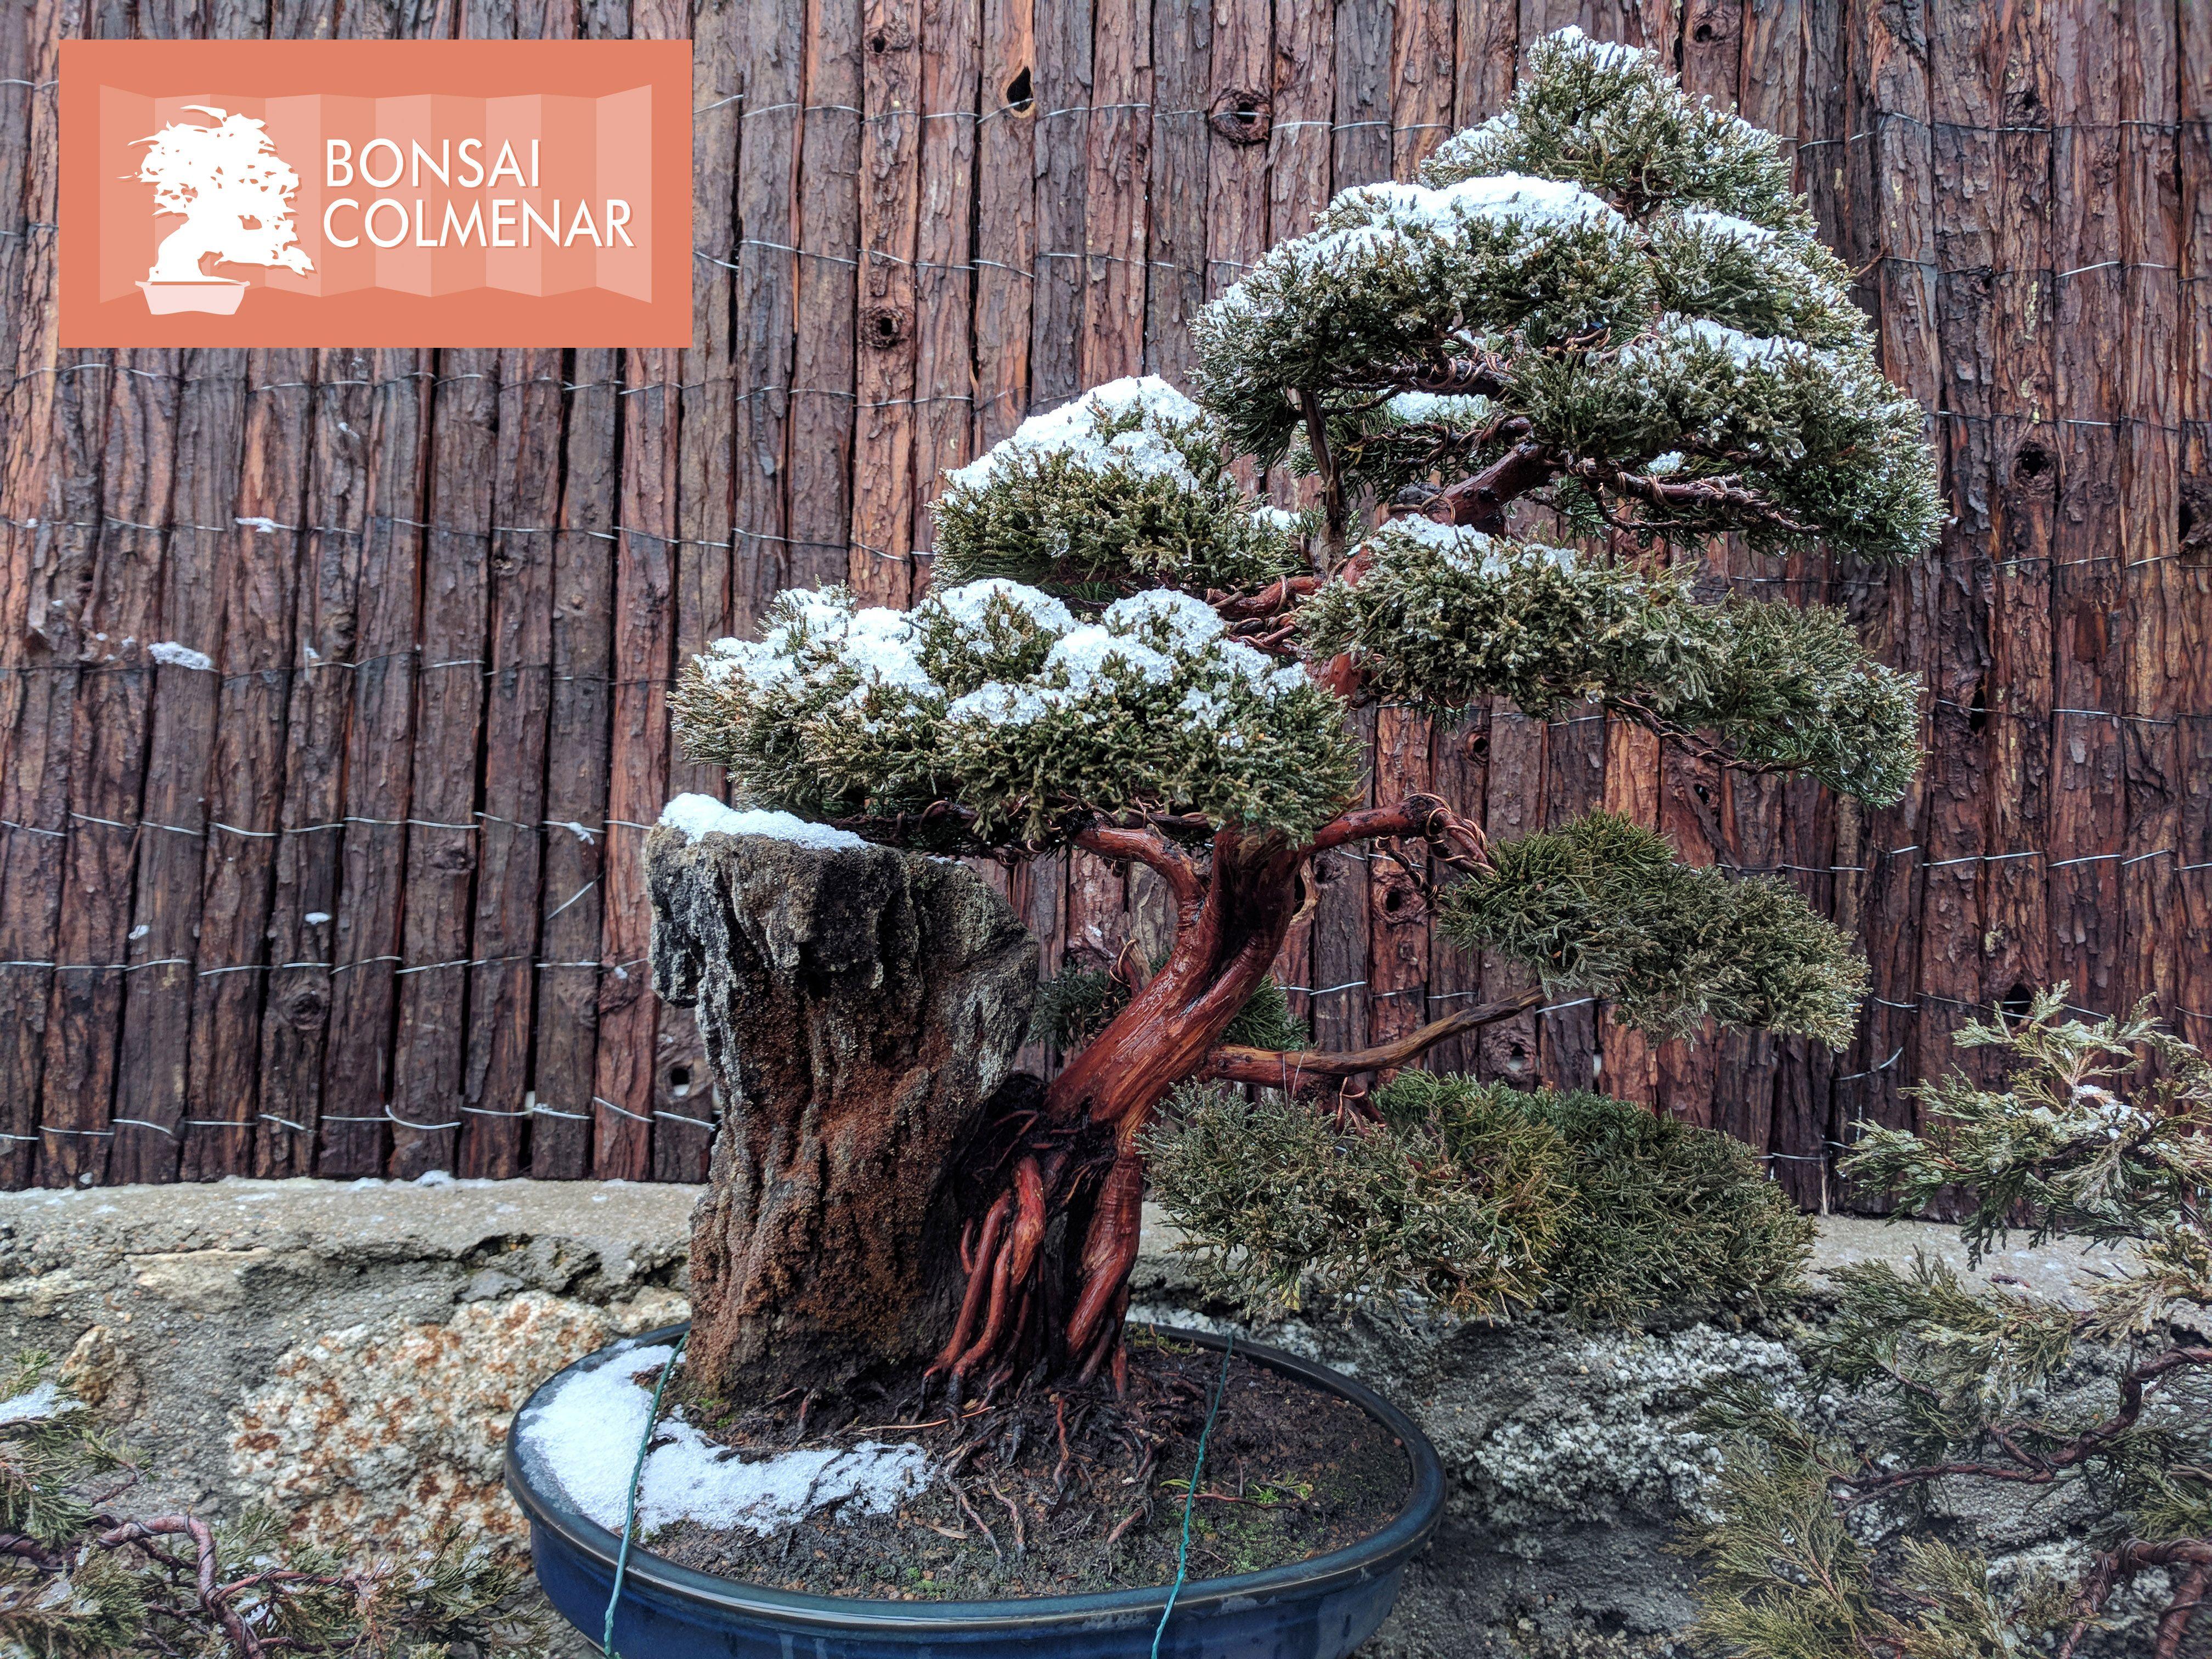 Junípero Un Ejemplo De Lo Que Encontrarás En Nuestra Tienda Y Escuela De Bonsai Www Bonsaicolmenar Com Bonsai árboles Bonsai Jardines Japoneses